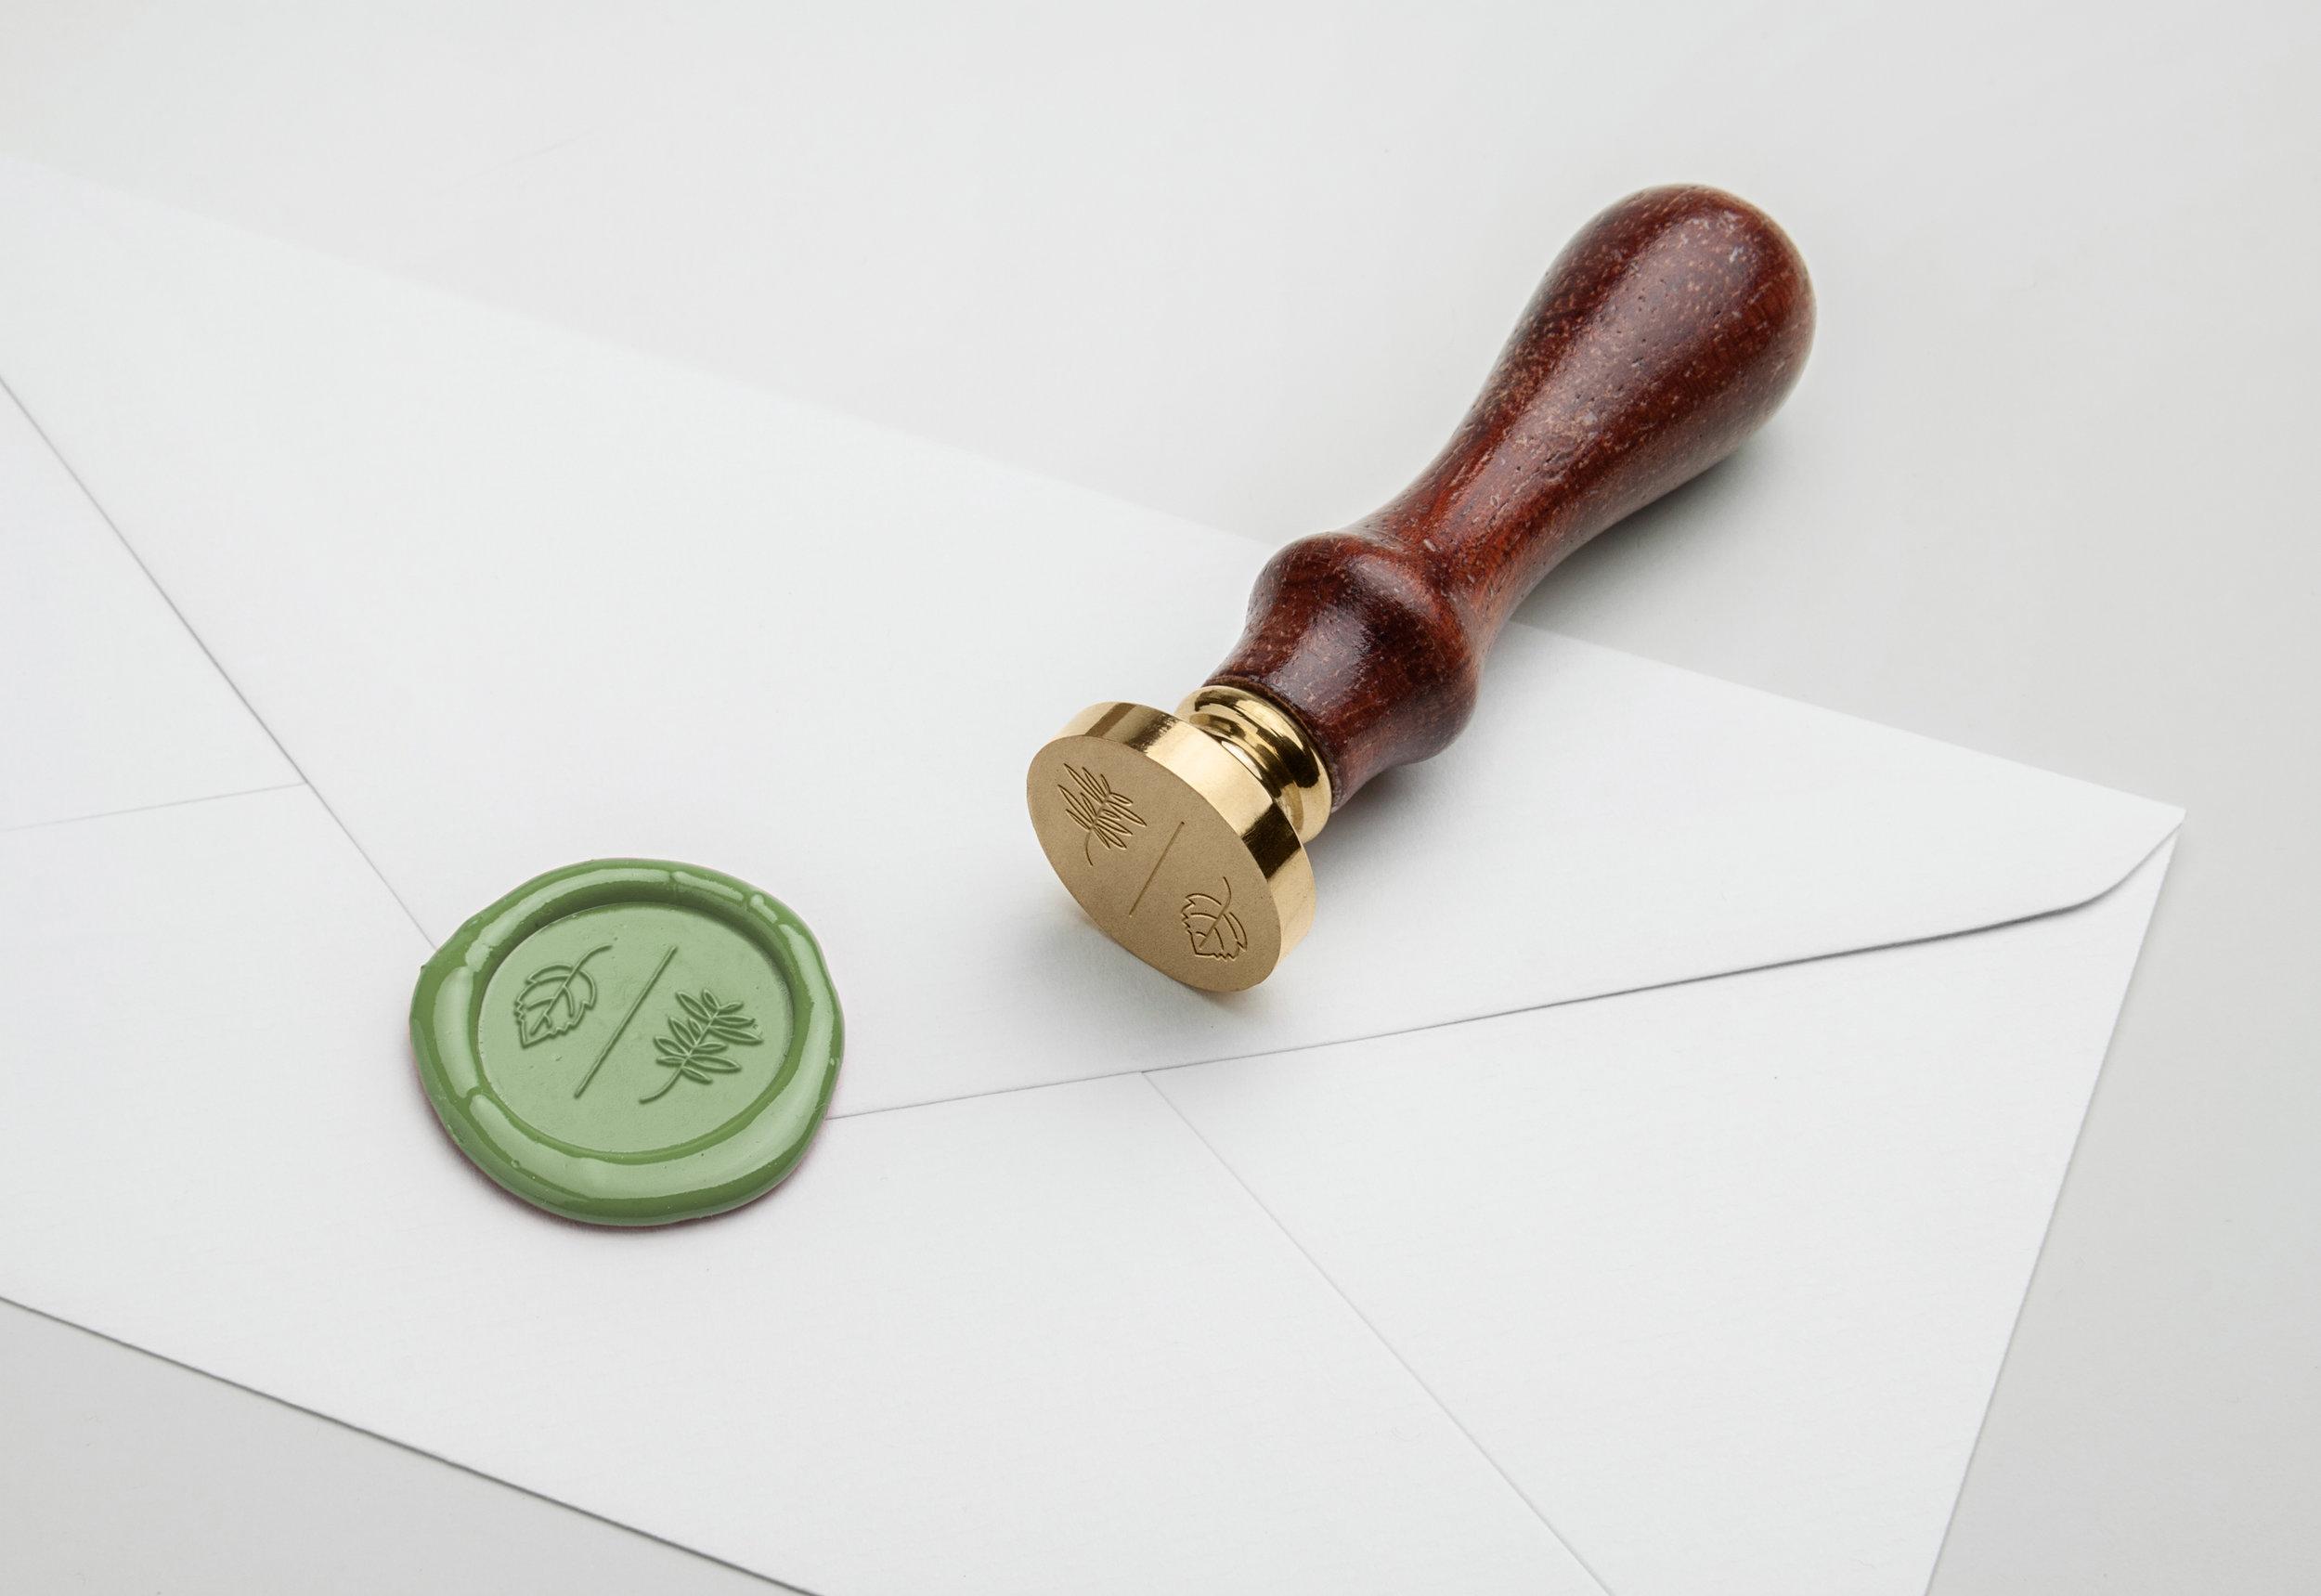 tramman_stamp.jpg